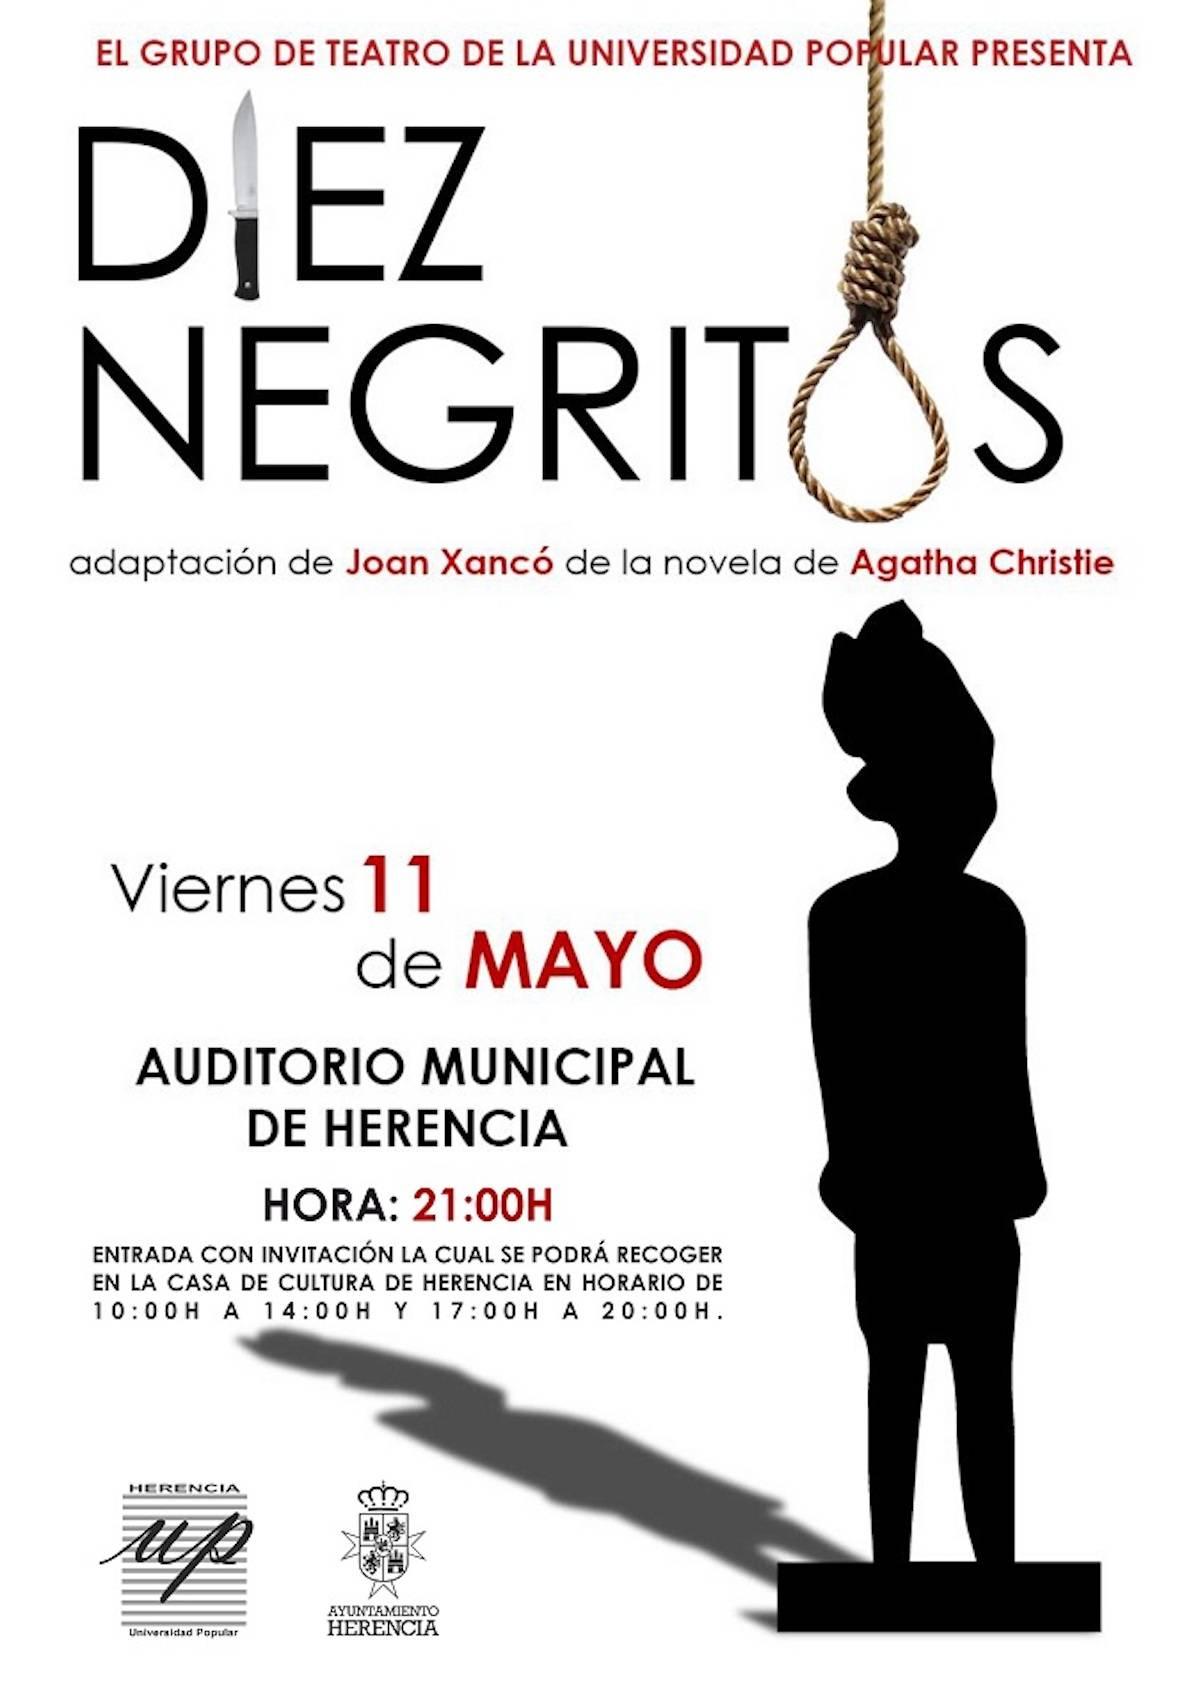 """obra teatro negritos herencia - El taller de Teatro de la Universidad Popular representa la obra """"Diez Negritos"""" en el Auditorio Municipal"""